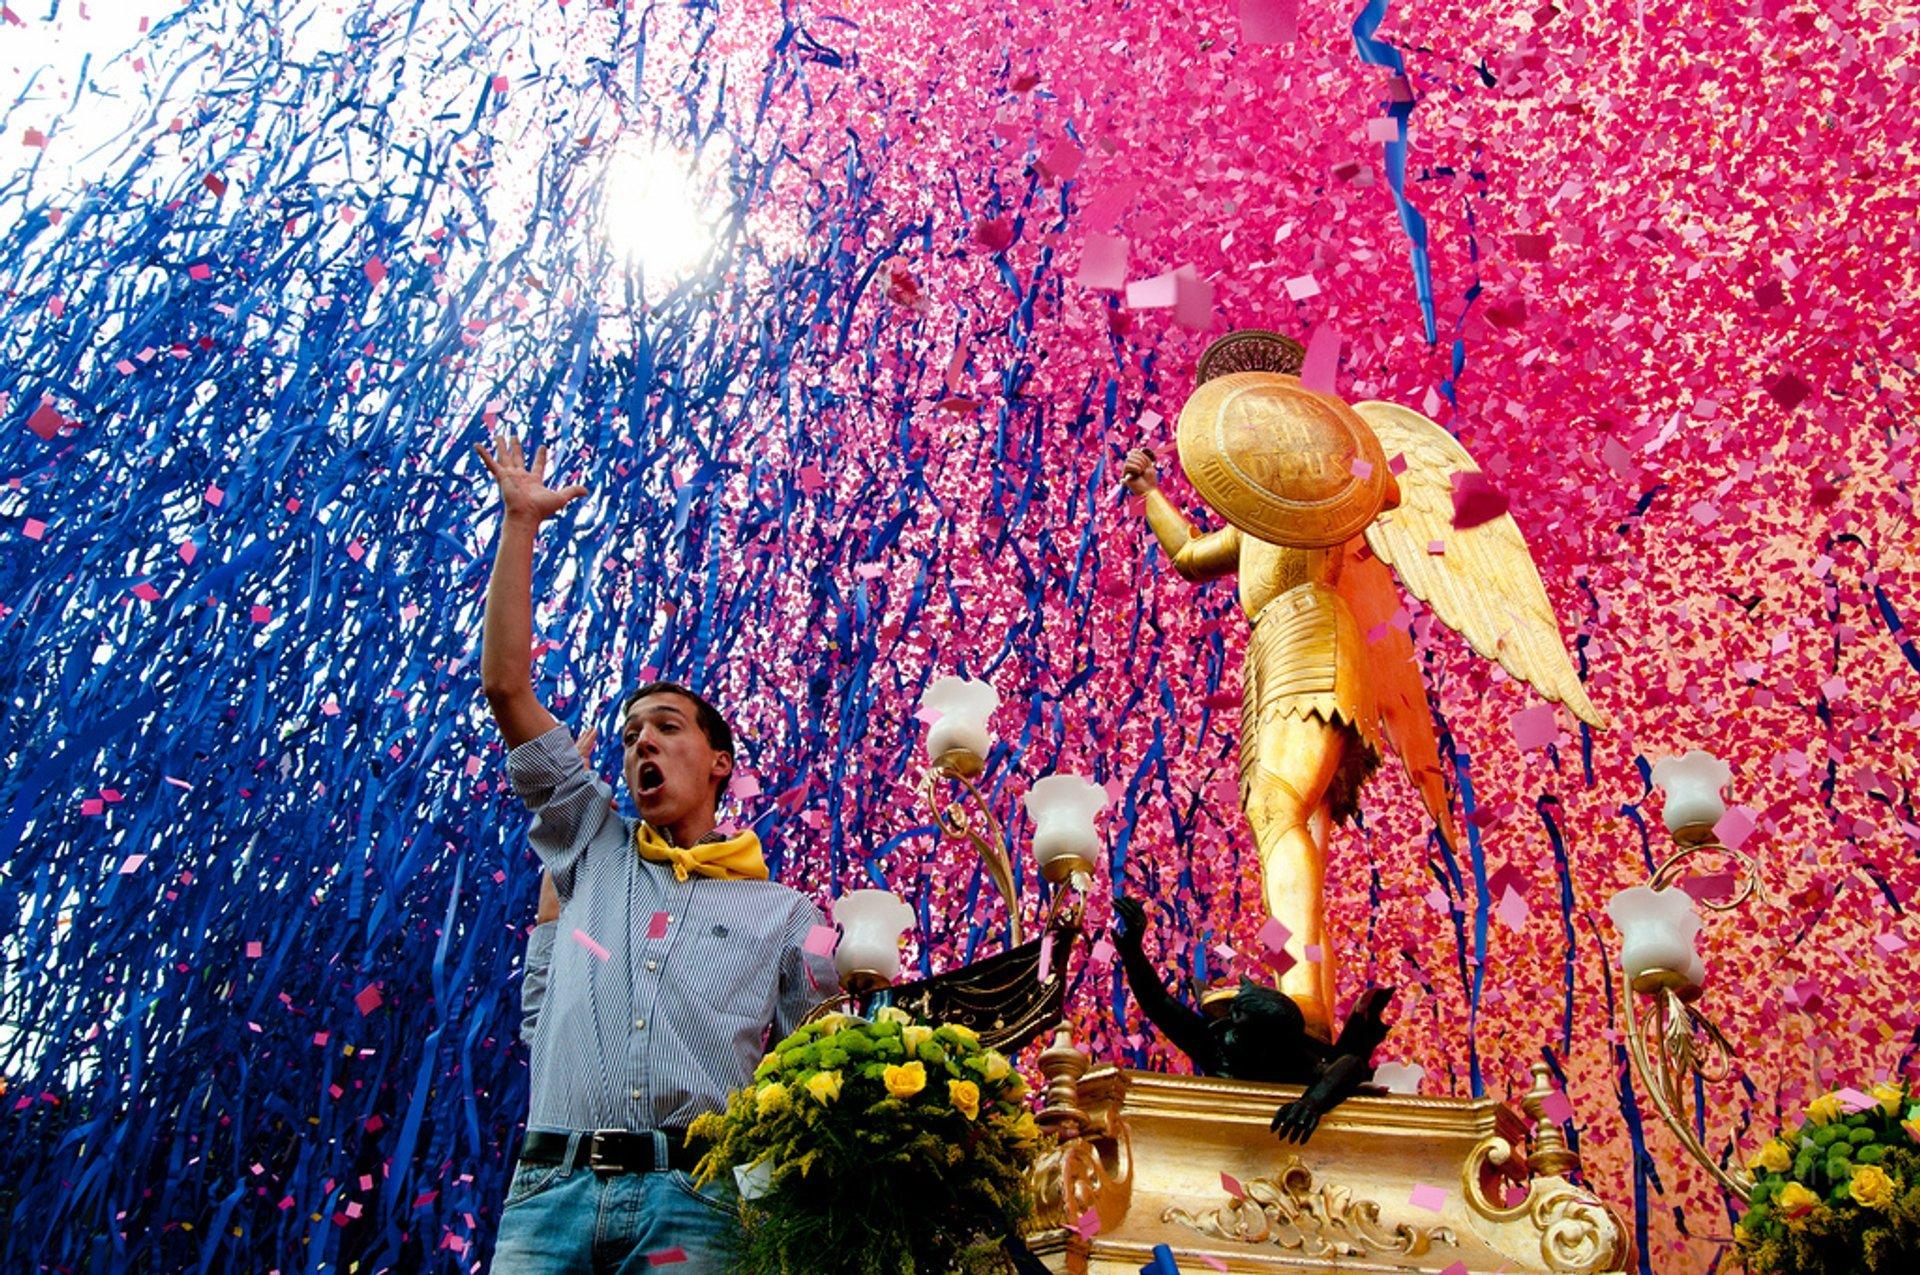 The Feast of Archangel Michael in Sicily - Best Season